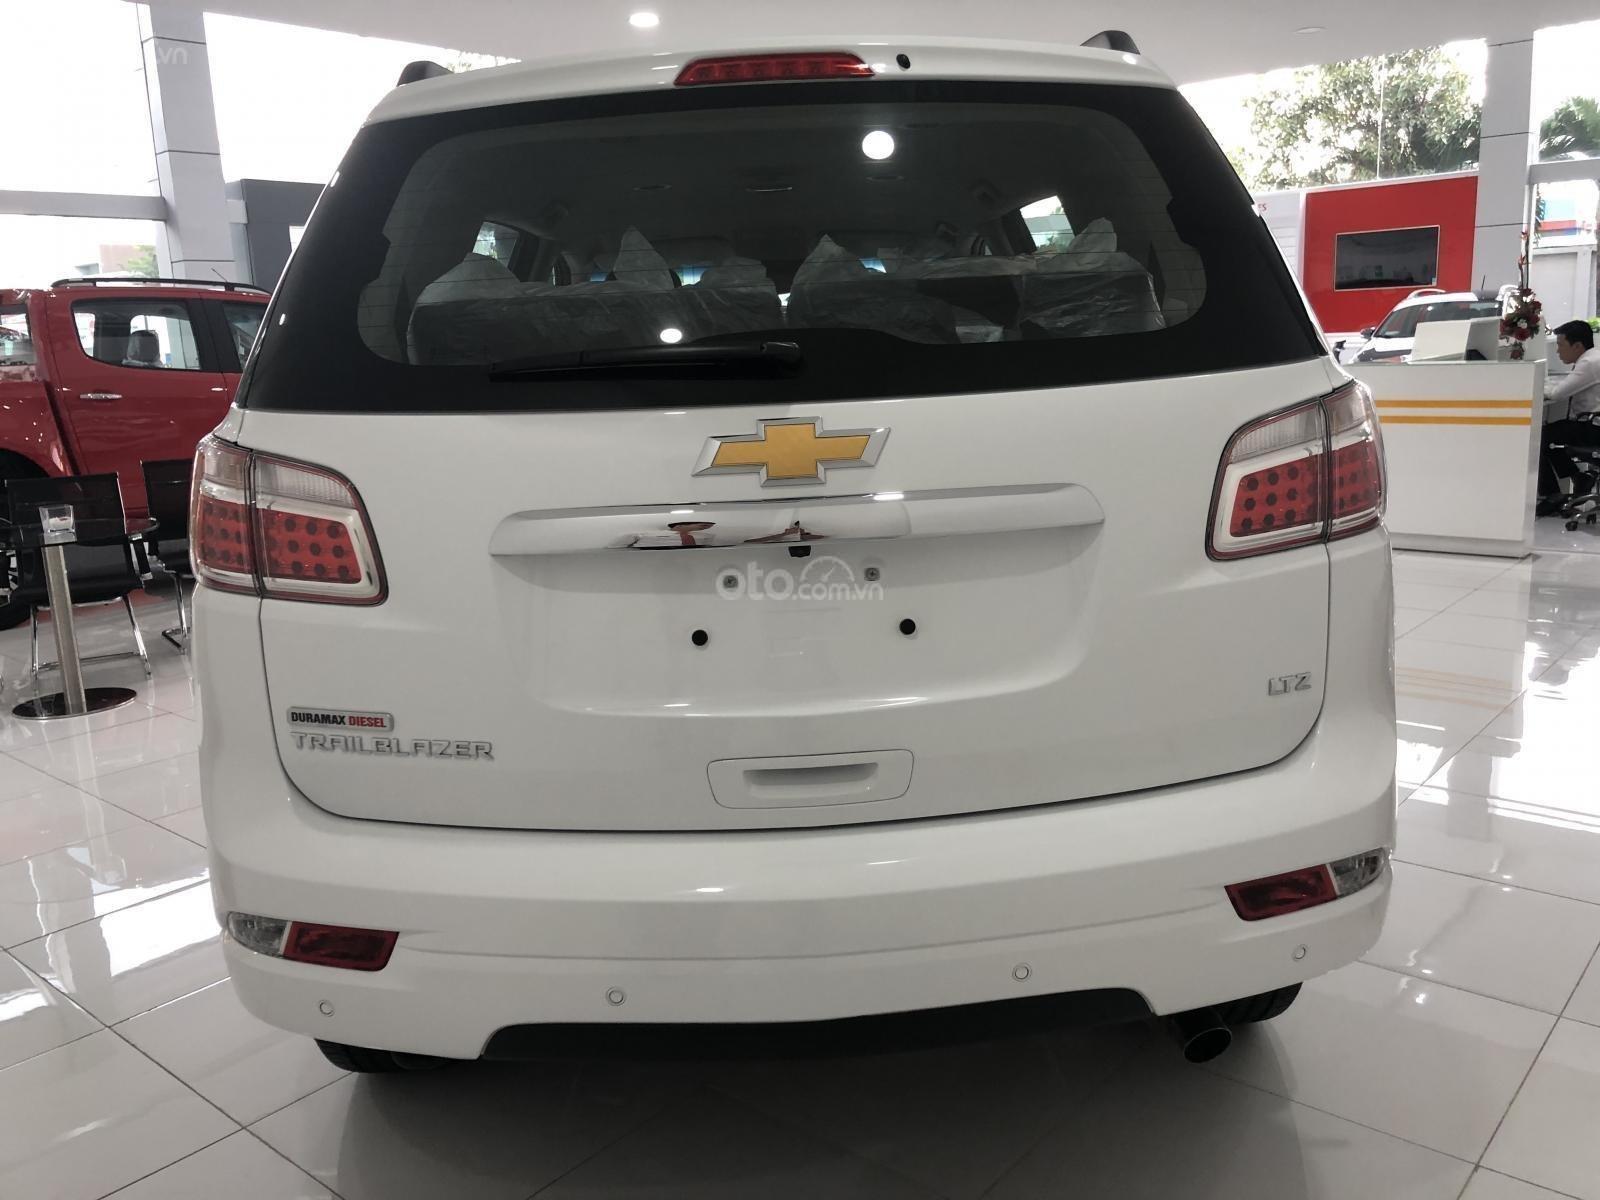 Hỗ trợ vay ngân hàng lãi suất thấp khi mua xe Chevrolet Trailblazer năm 2019, màu trắng, nhập khẩu (6)